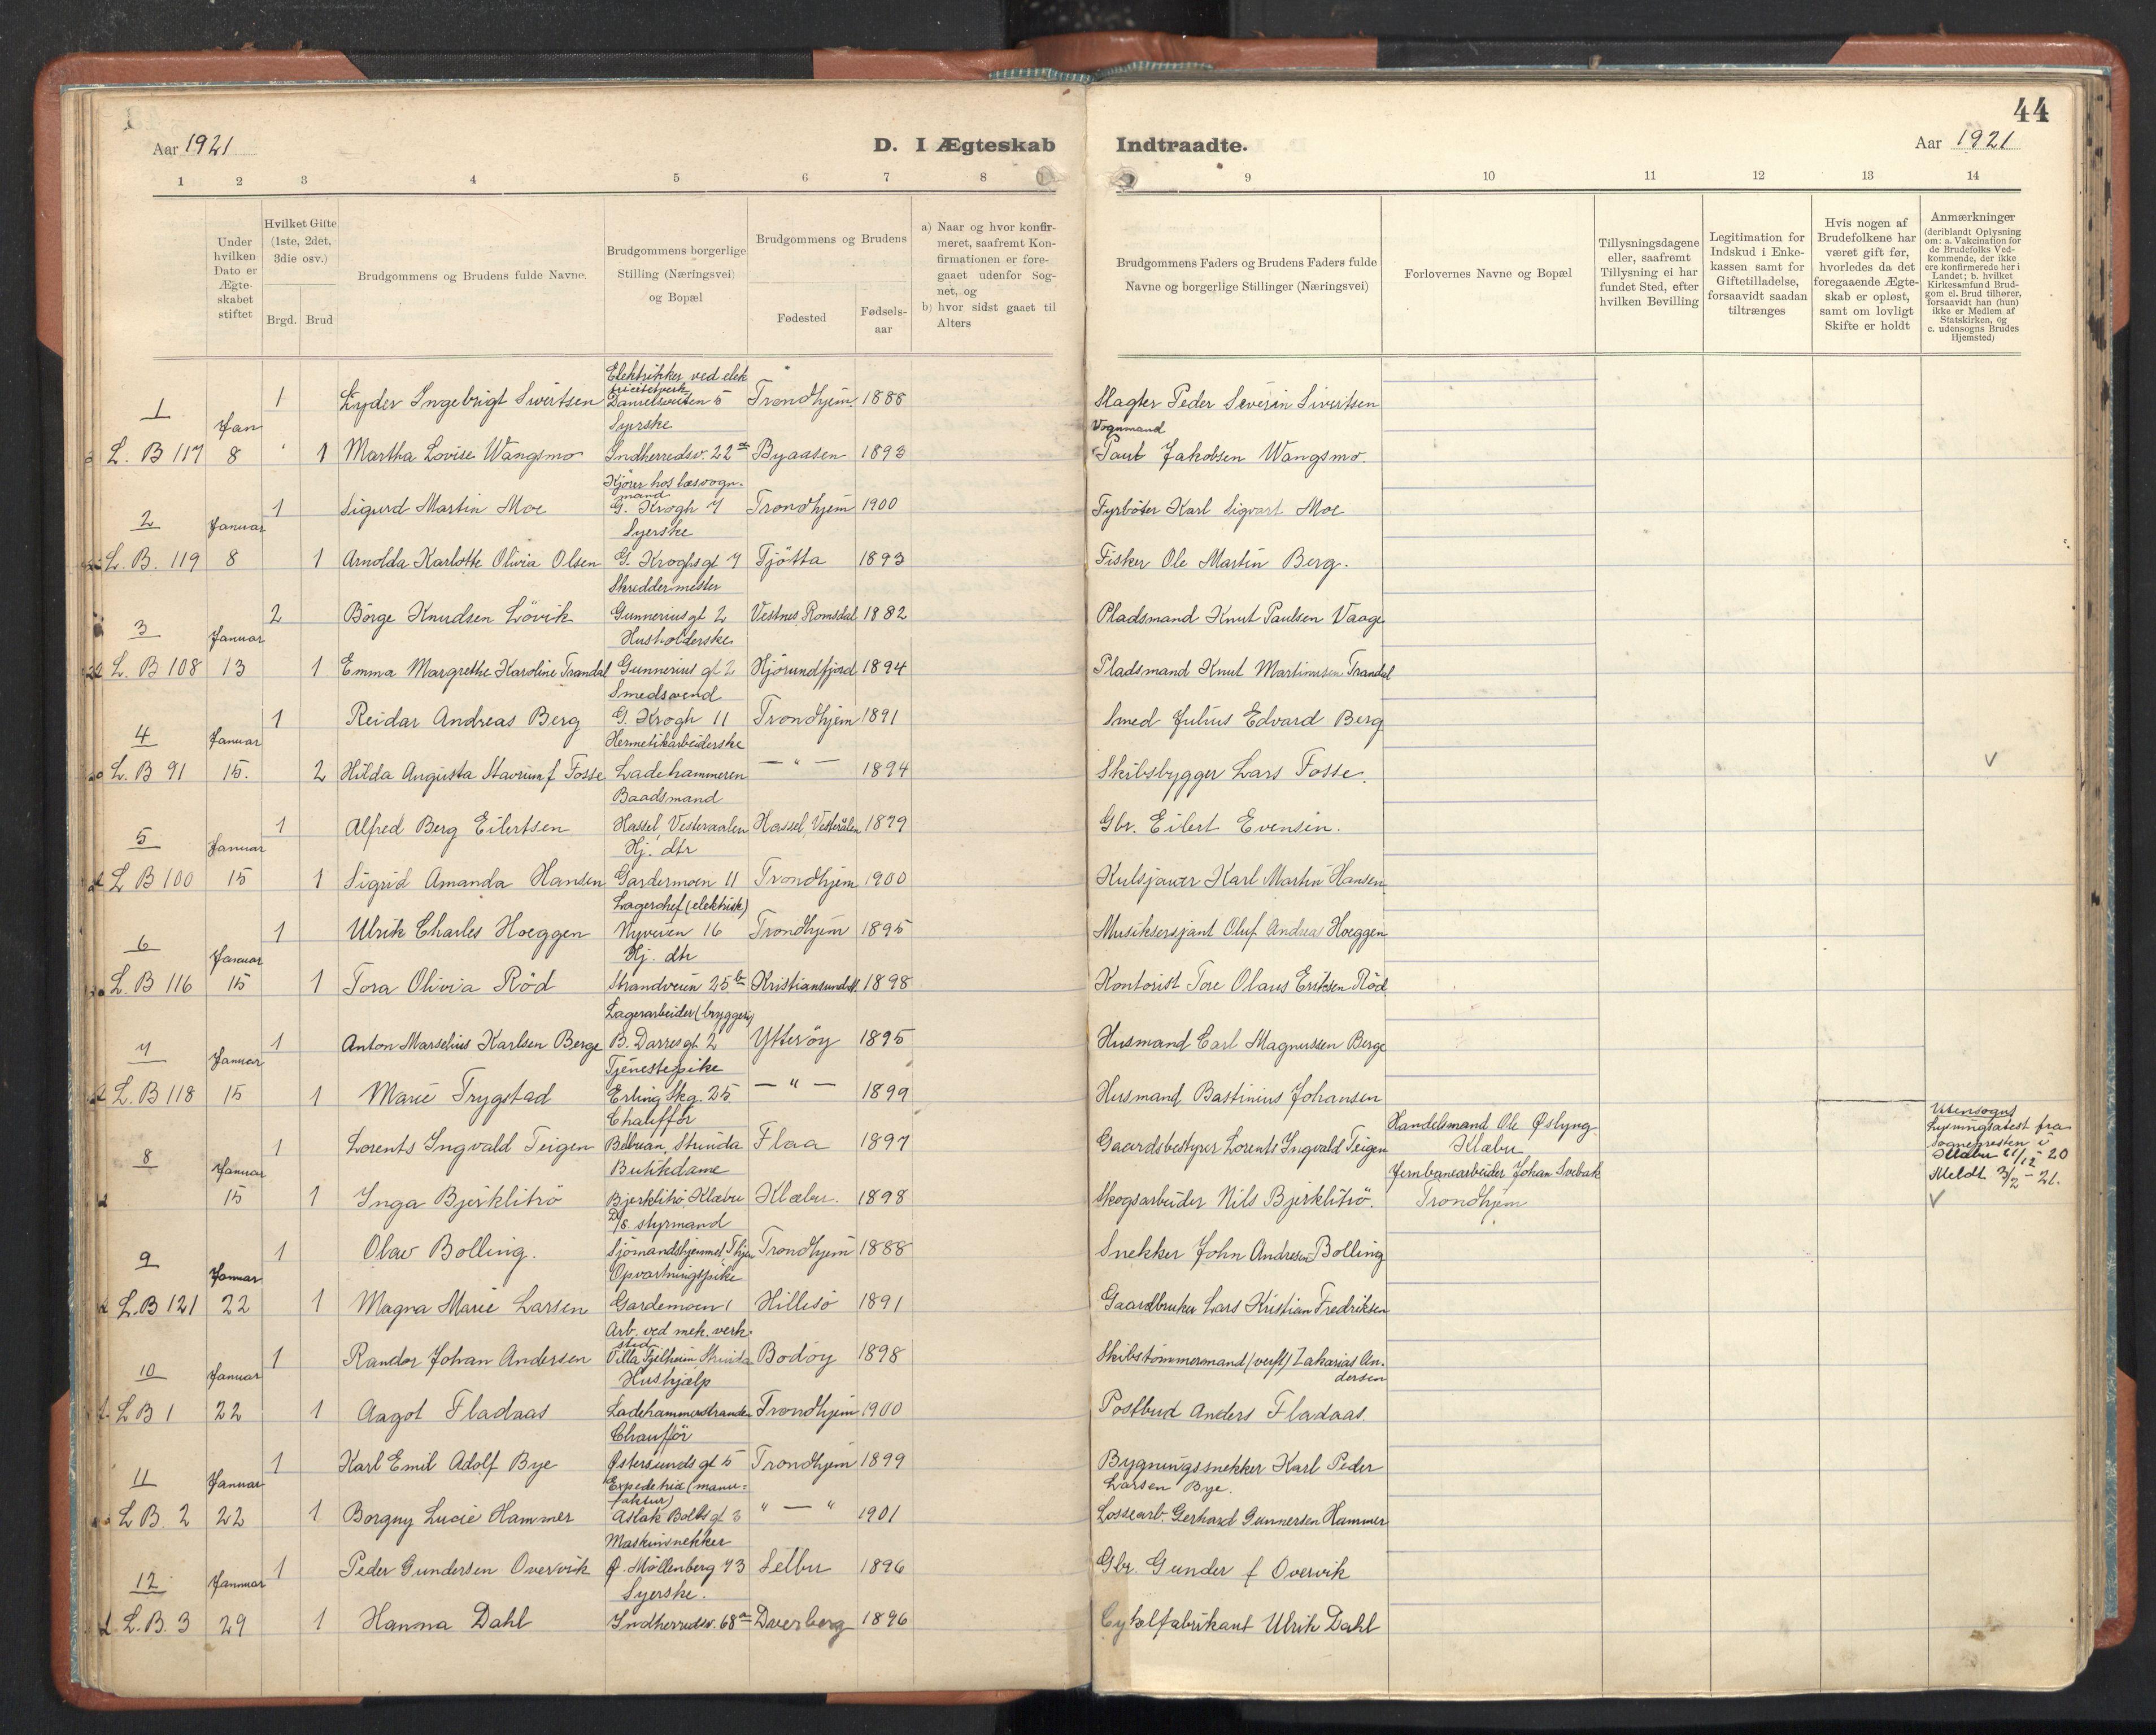 SAT, Ministerialprotokoller, klokkerbøker og fødselsregistre - Sør-Trøndelag, 605/L0245: Ministerialbok nr. 605A07, 1916-1938, s. 44